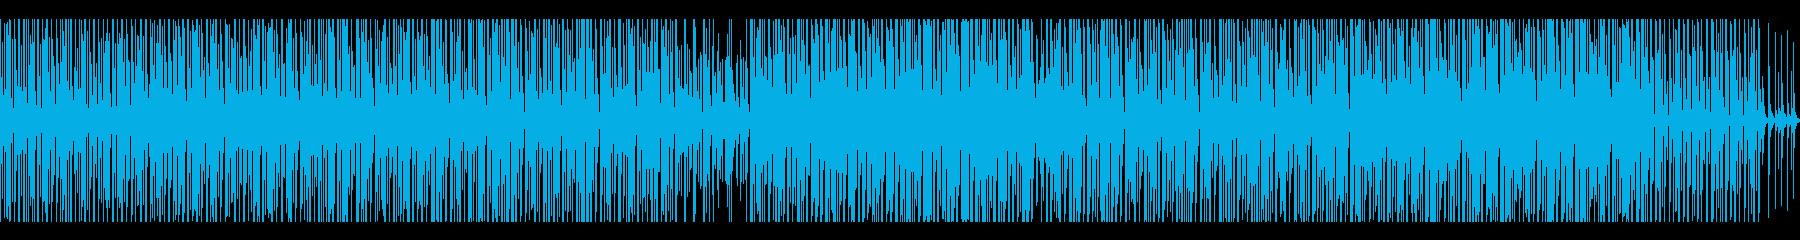 ミッドテンポのトロピカルハウスの再生済みの波形